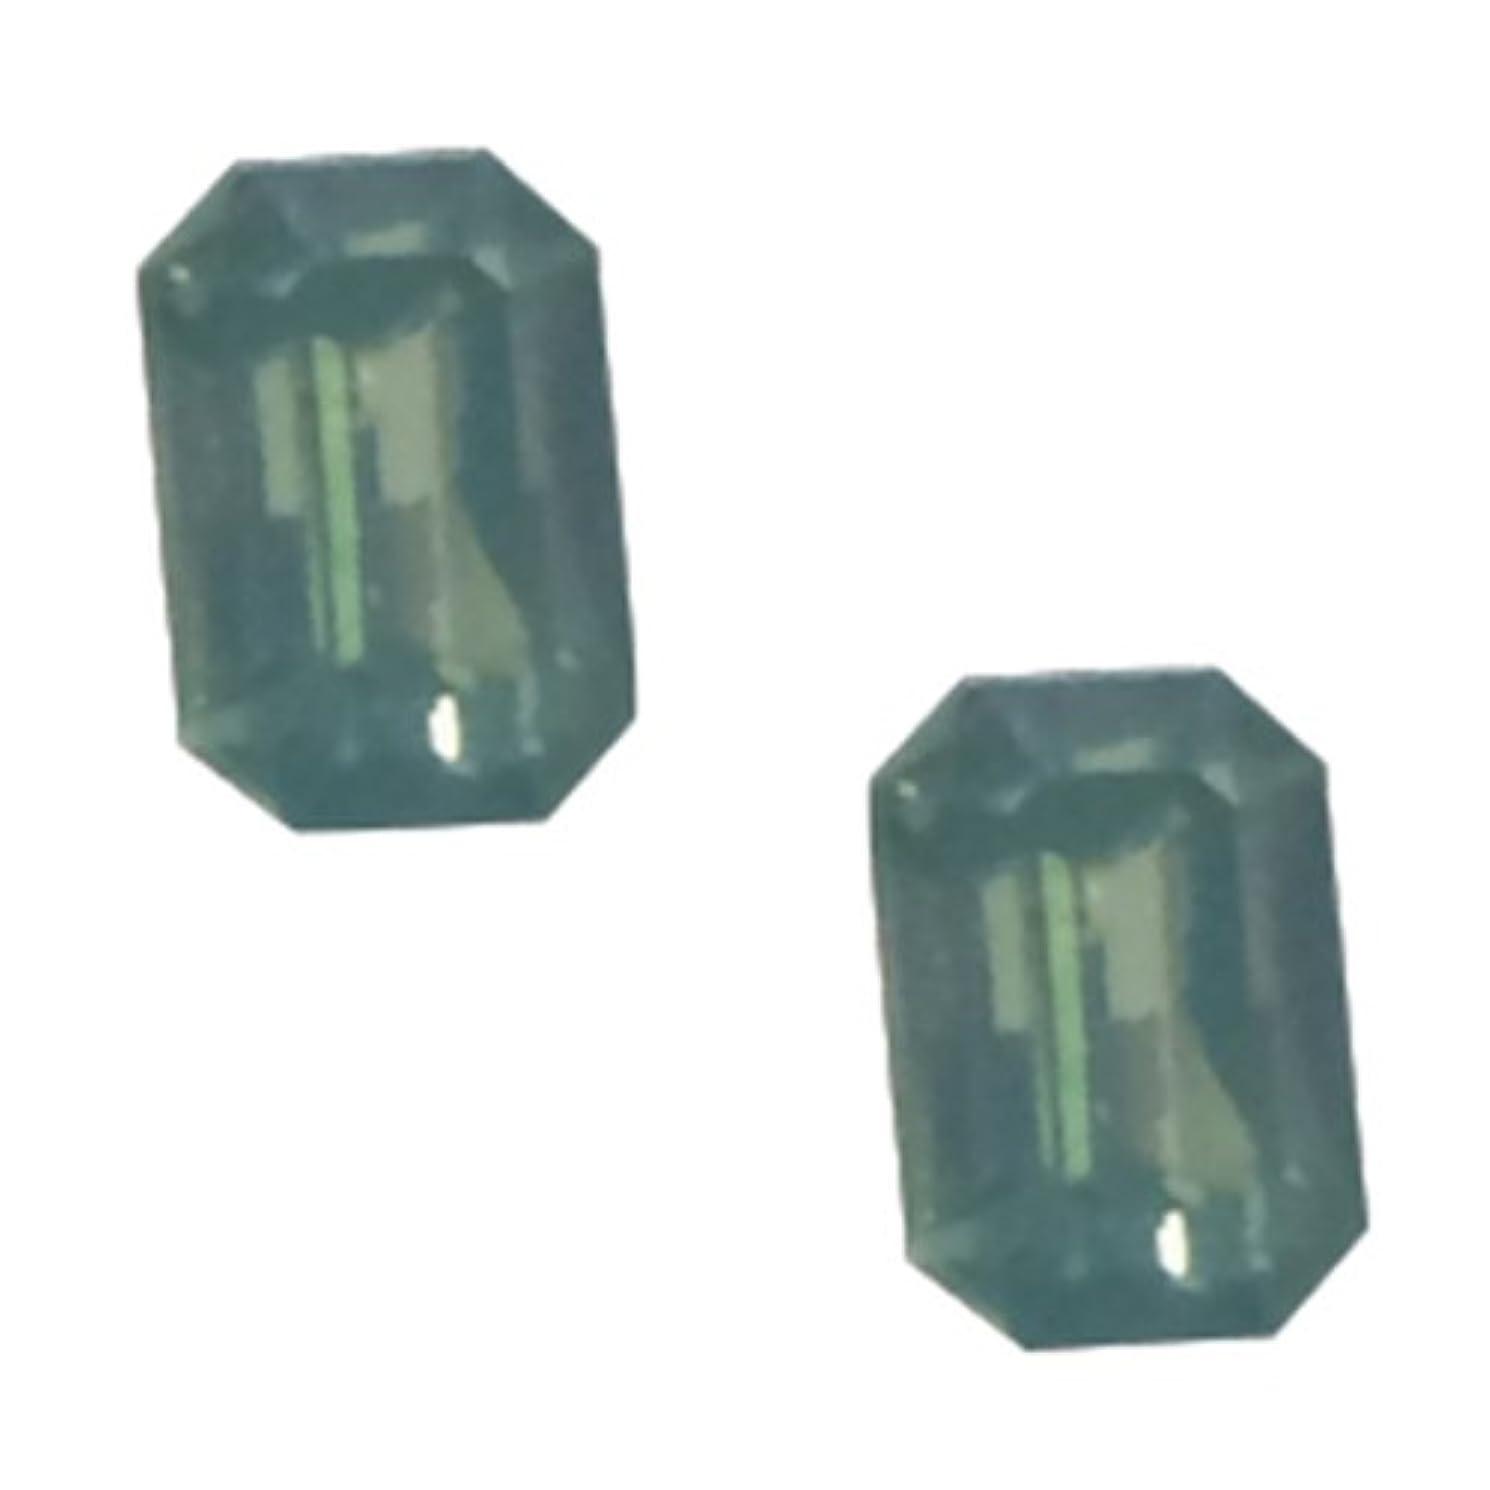 首崇拝するスノーケルPOSH ART ネイルパーツ長方形型 4*6mm 10P グリーンオパール